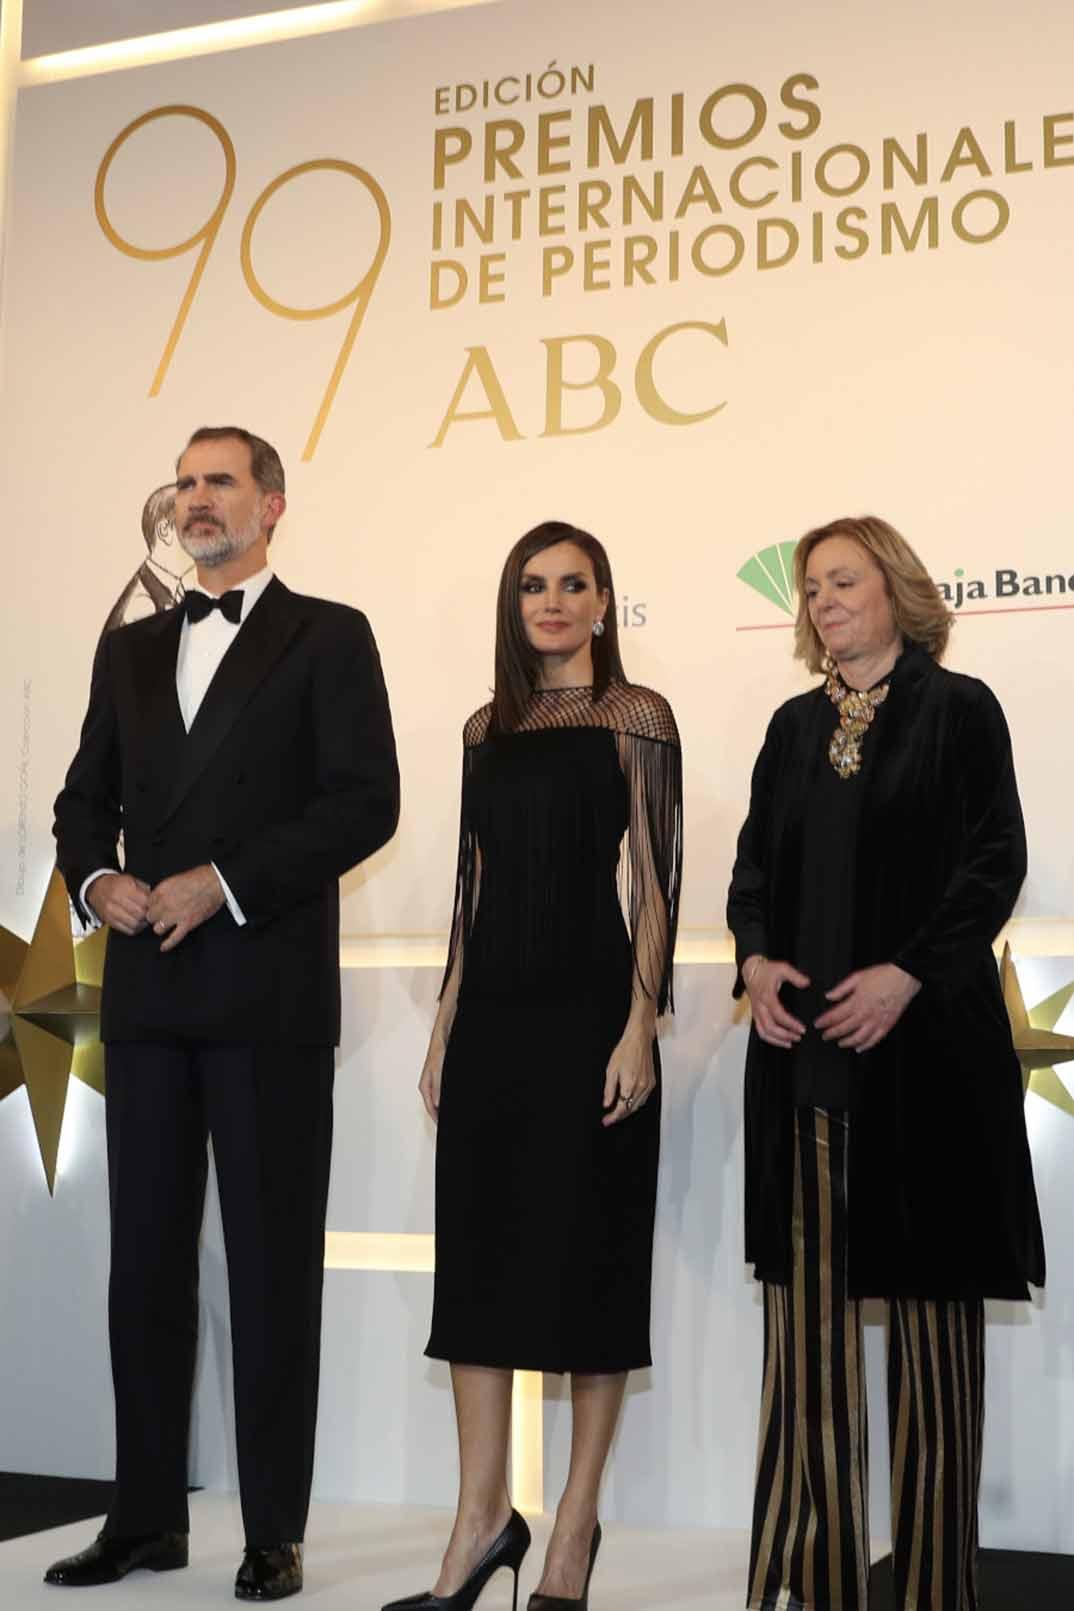 Don Felipe y Doña Letizia antes de entregar los galordones a los premiados junto a Catalina Luca de Tena, presidenta y editora de ABC © Casa S.M. El Rey